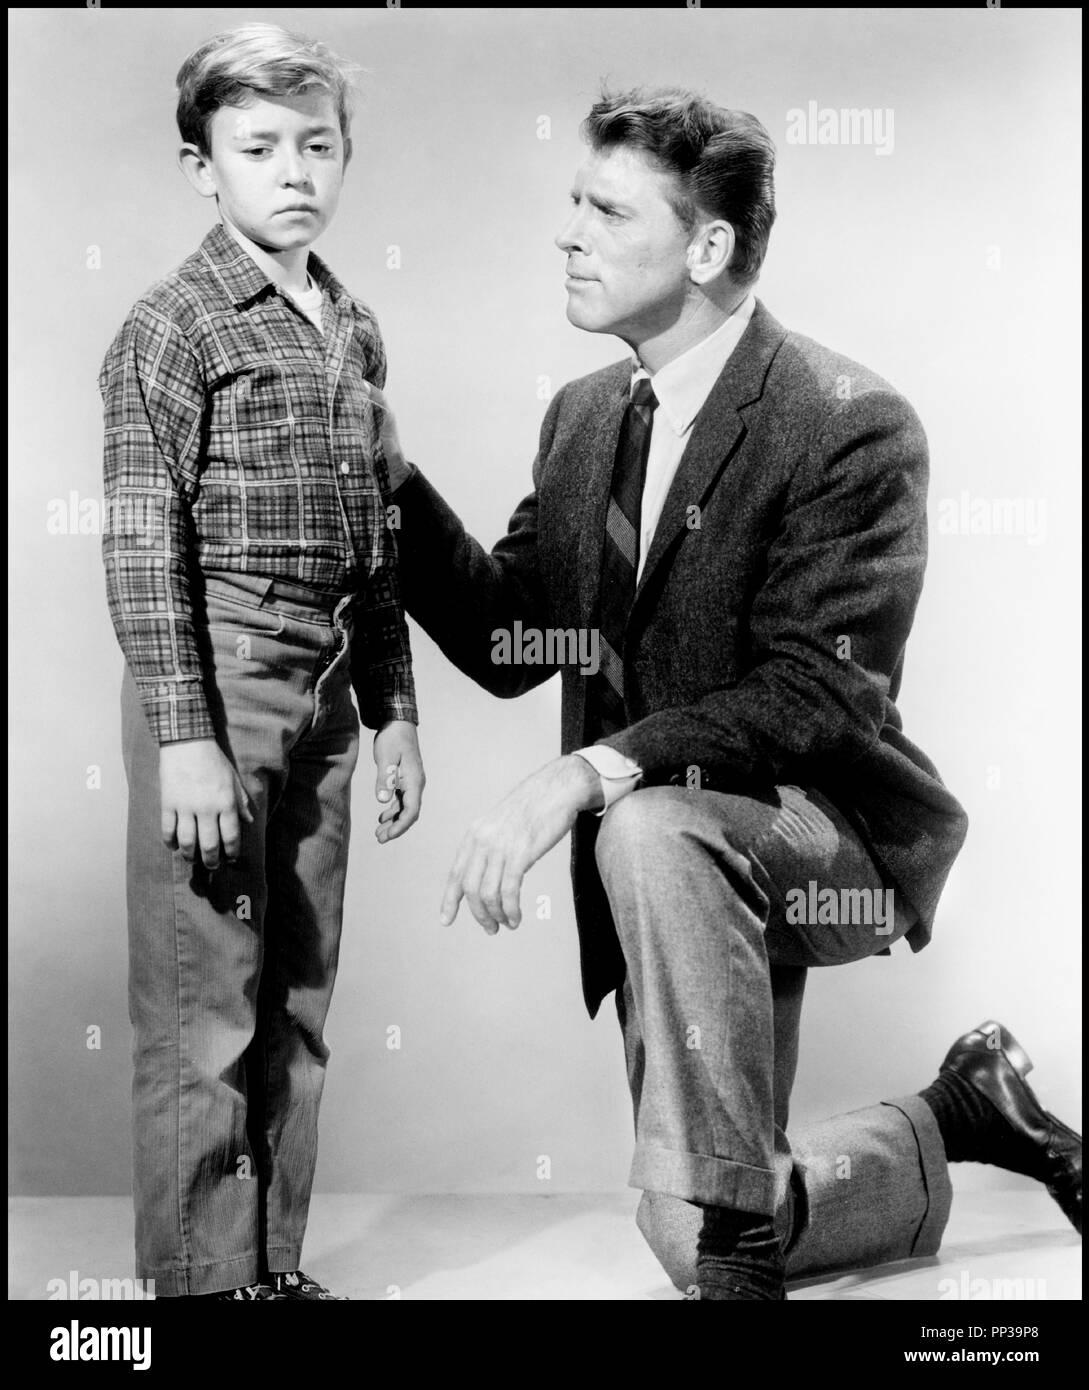 Prod DB © United Artists / DR UN ENFANT ATTEND ( A CHILD IS WAITING) de John Cassavetes 1963 USA avec Bruce Ritchey et Burt Lancaster pere et fils, tristesse, consoler Artistes Associés code CW - Stock Image